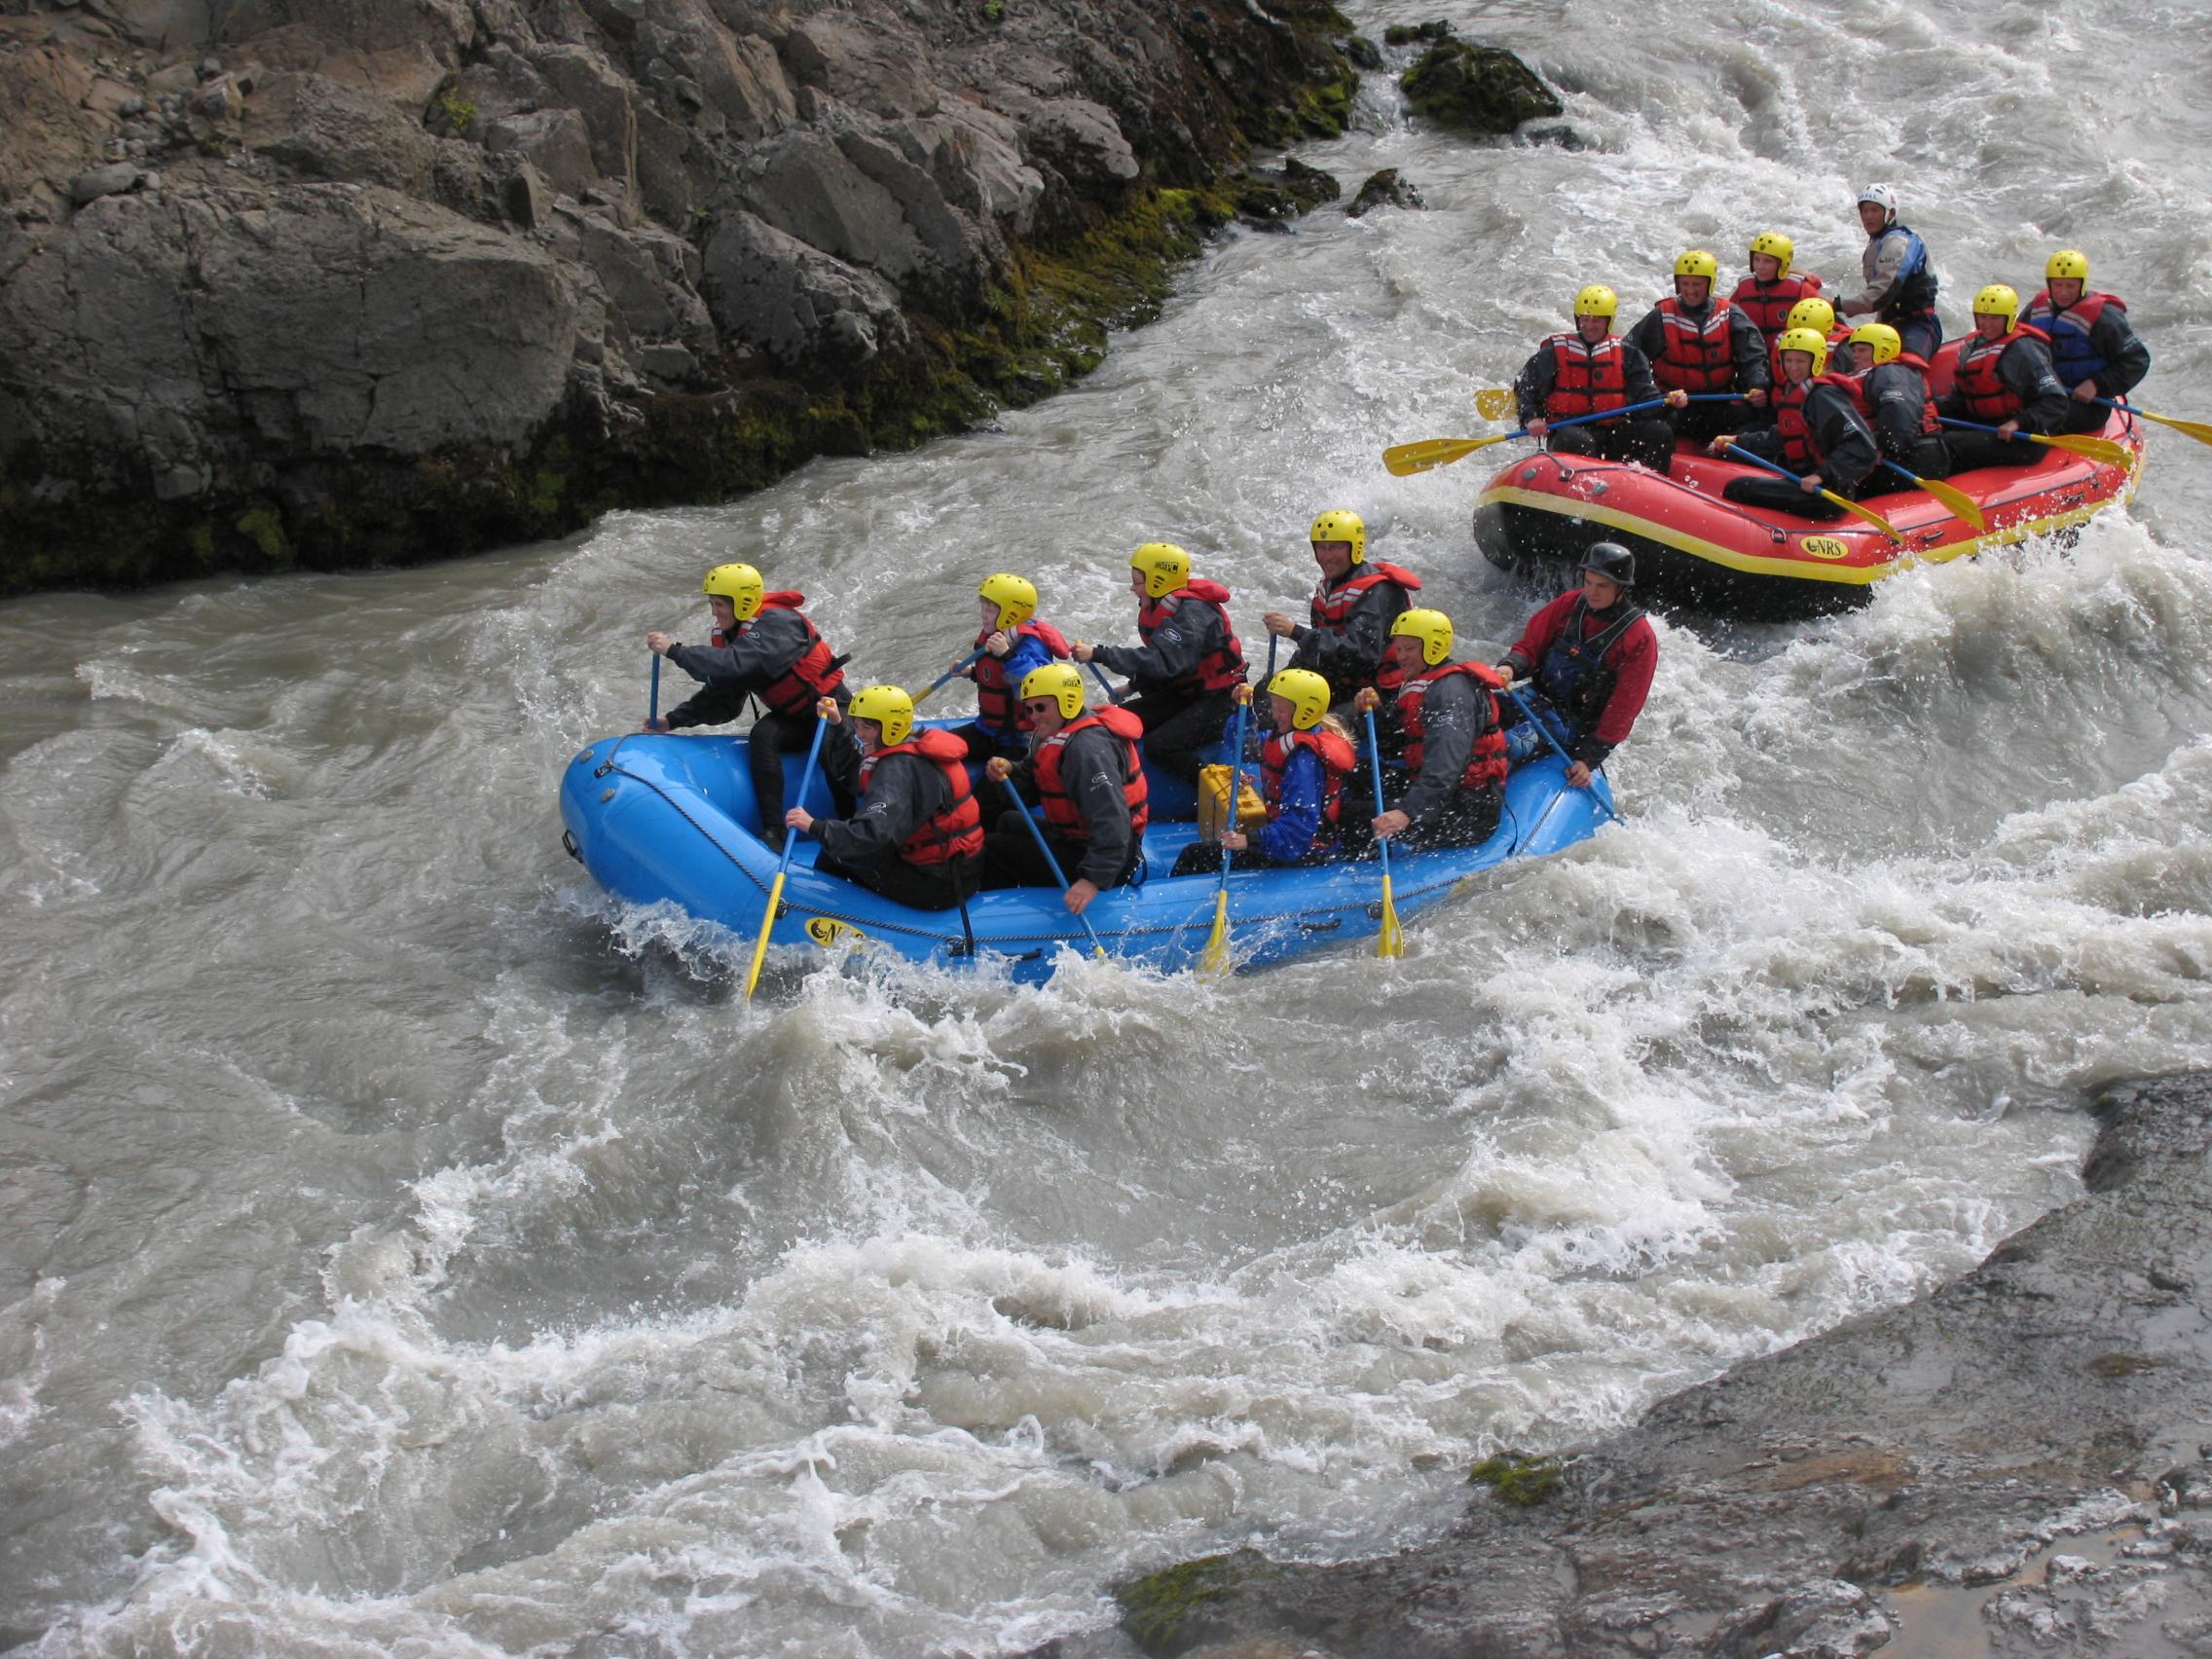 每年夏天都是漂流爱好者们在冰岛北部西冰川河漂流的时机。